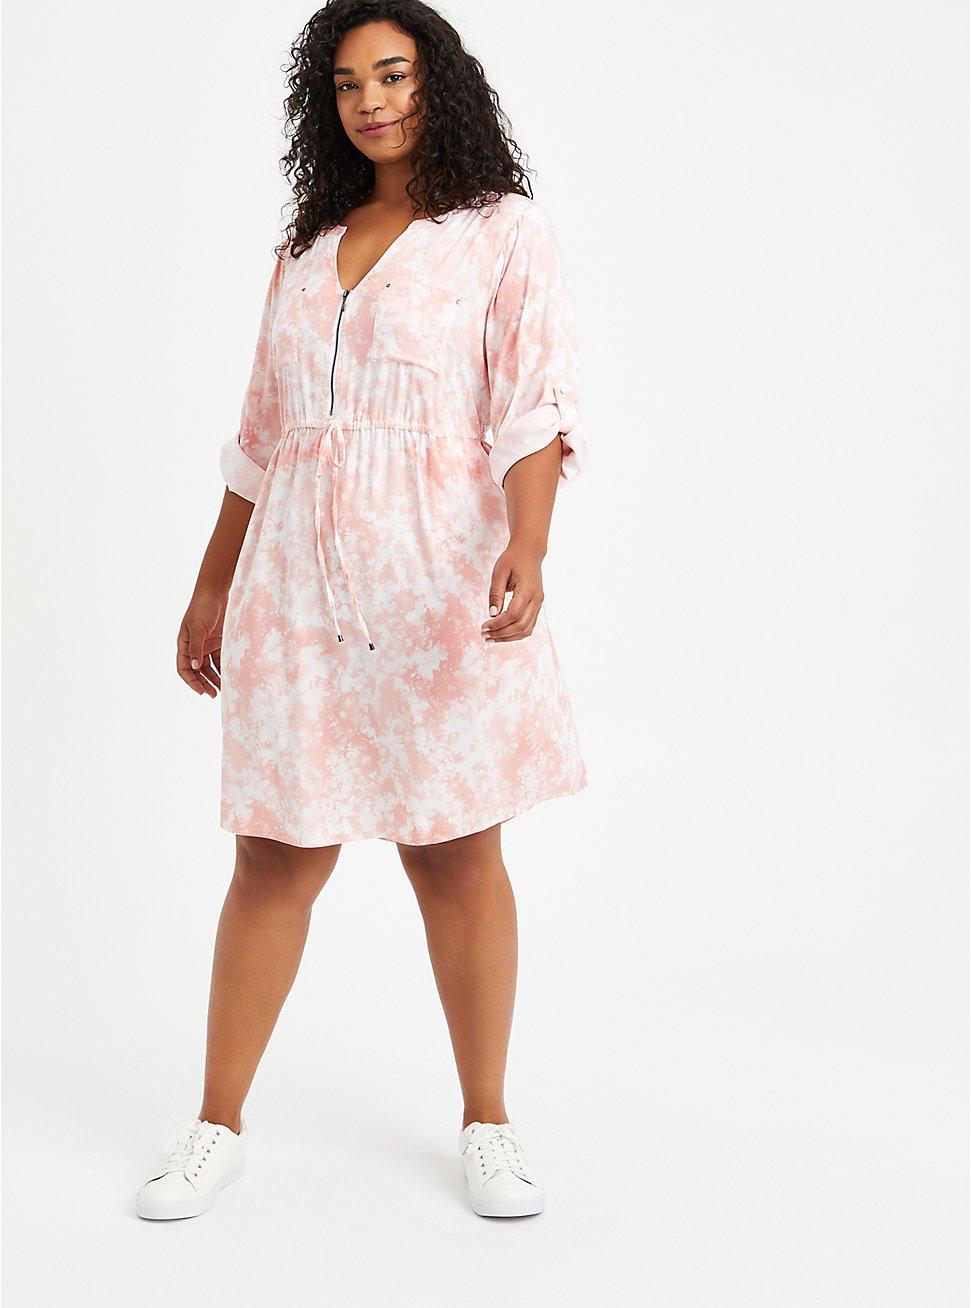 Shirt Dress - Stretch Challis Tie Dye Pink, TIE DYE-PINK, hi-res